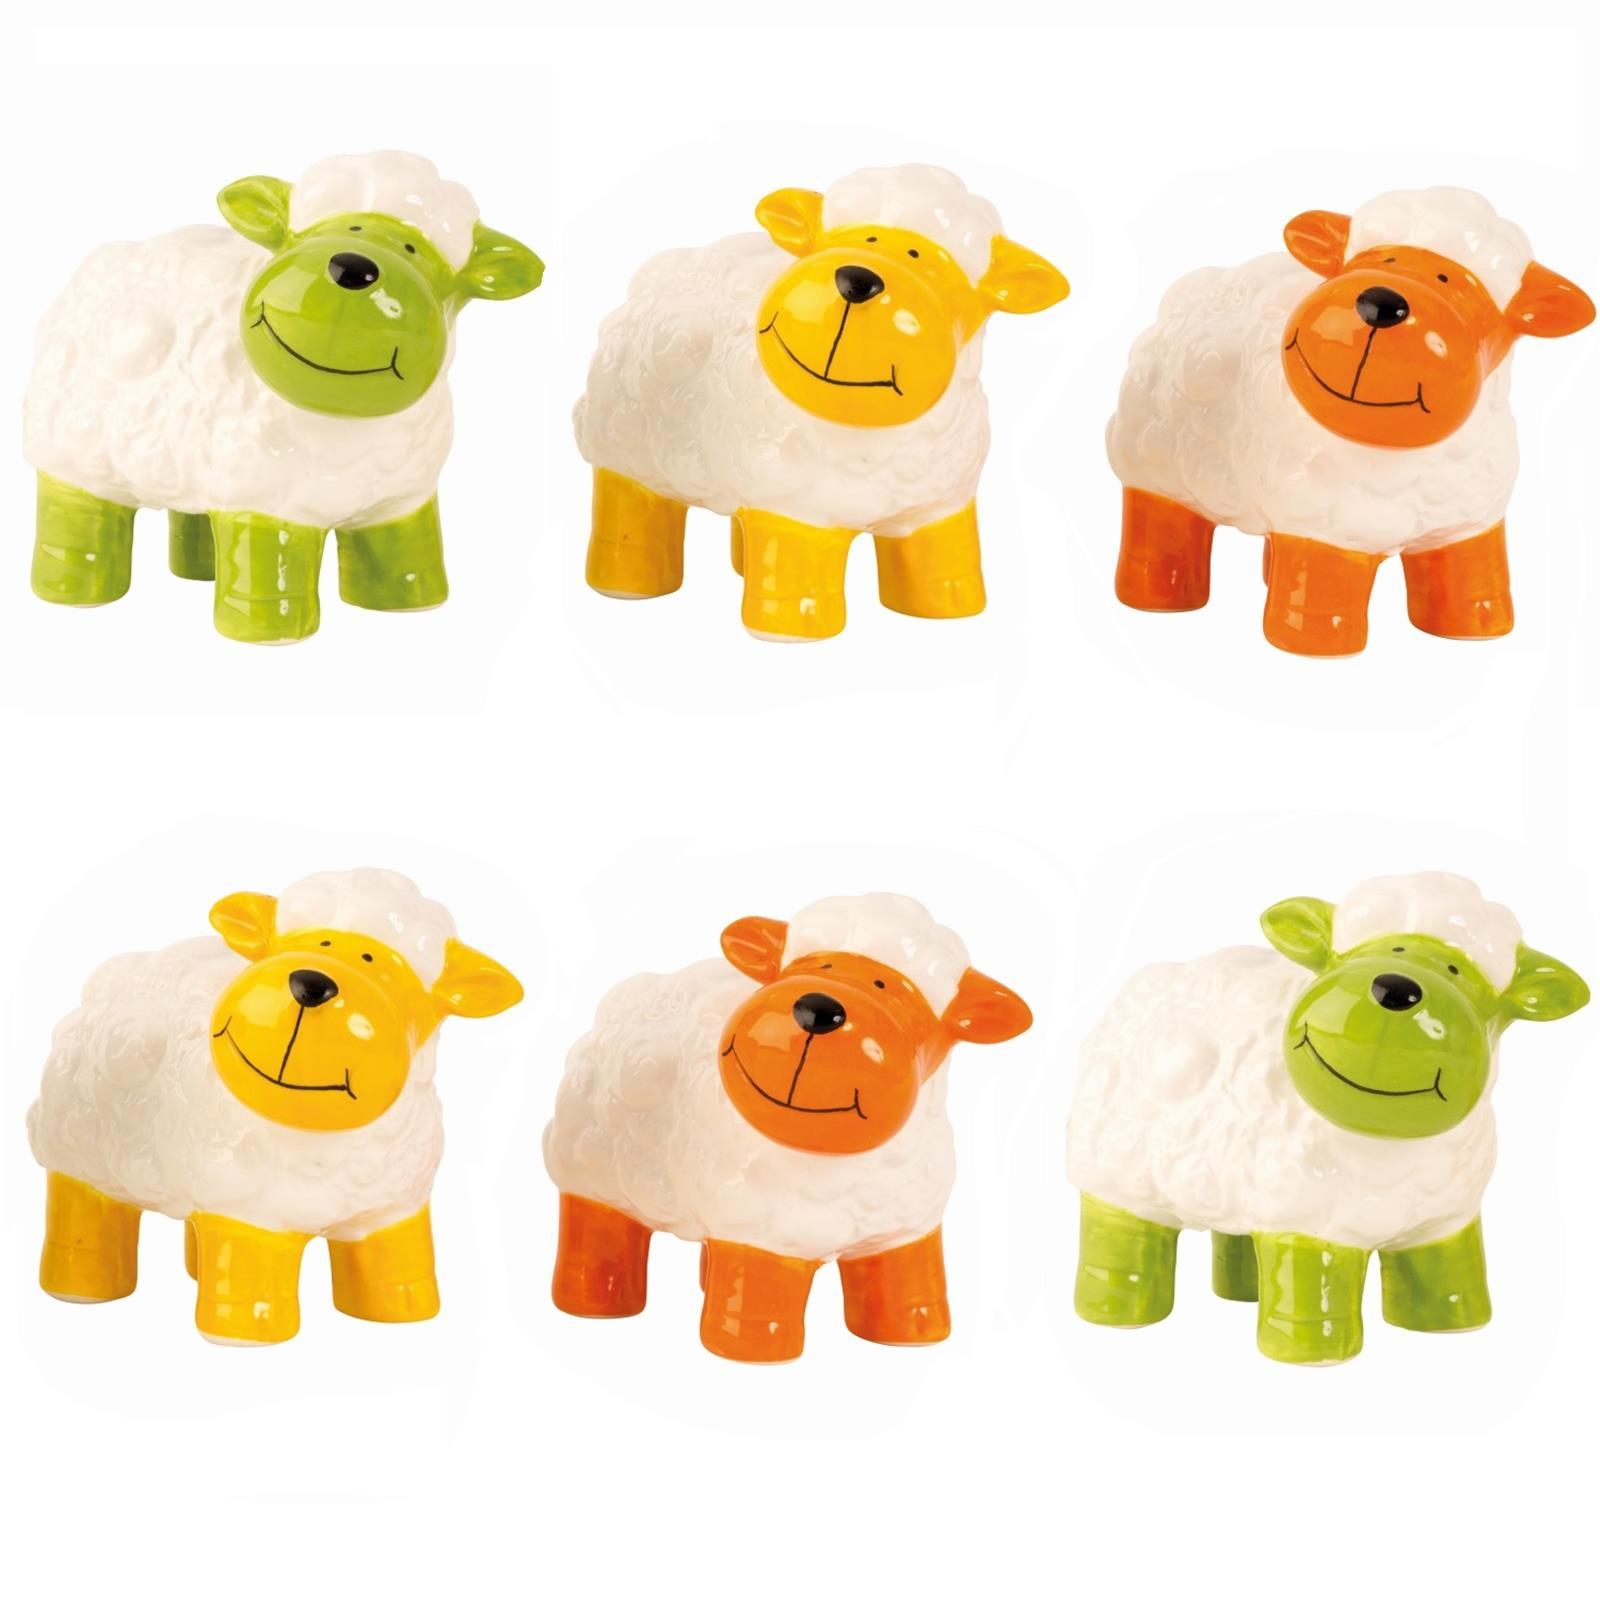 6 Gartenfiguren bunte Schafe